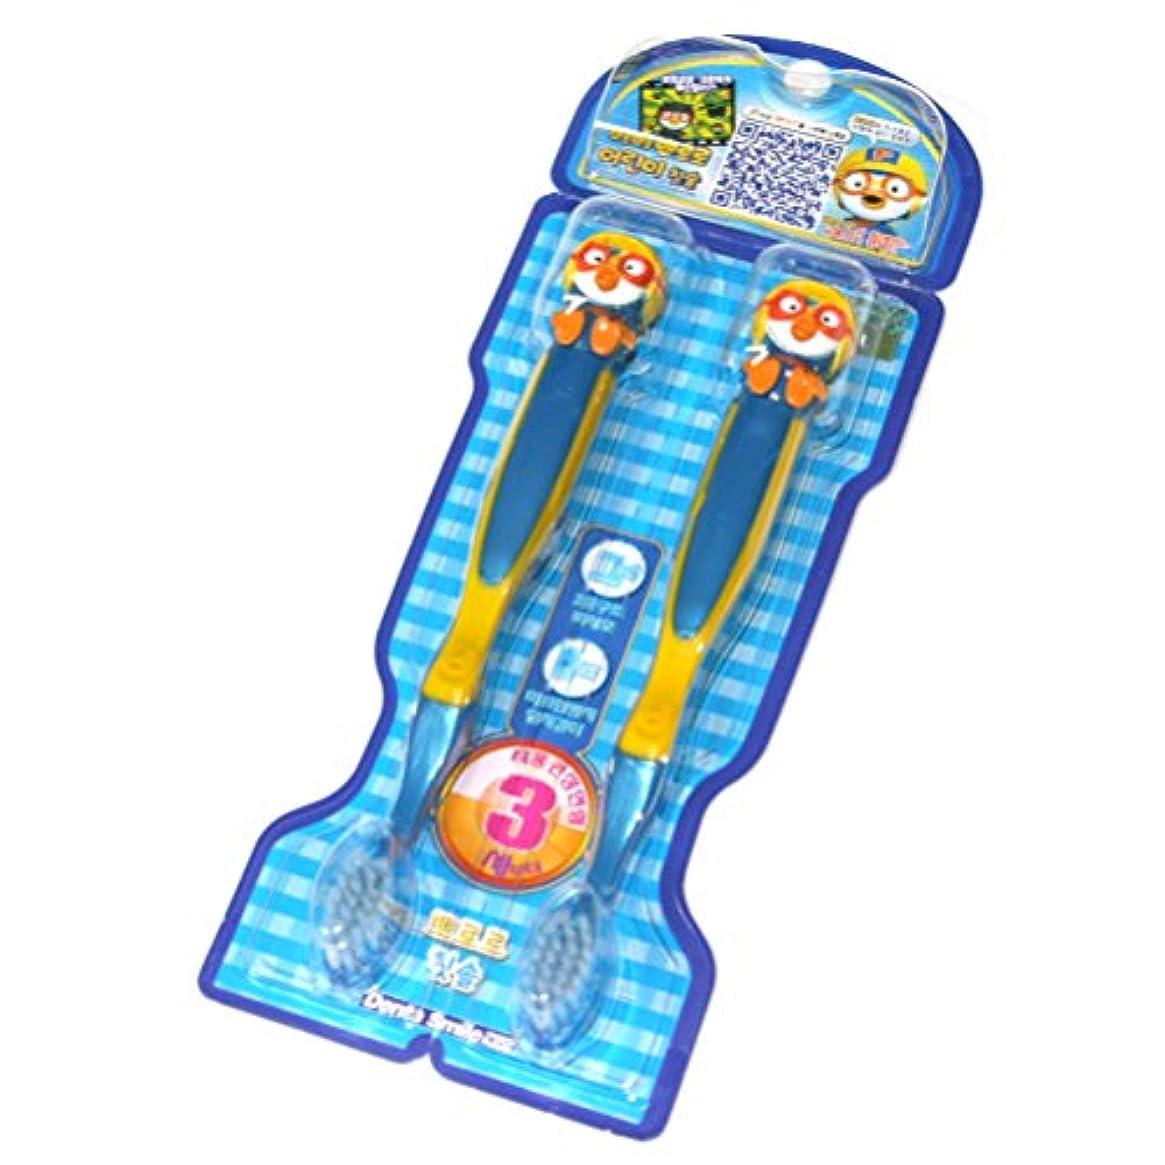 感謝している上級考古学的なPORORO Toothbrush For Kids 2ea set (PORORO) ポロロ 子供用 歯ブラシ2ea set (ポロロ ) [並行輸入品]